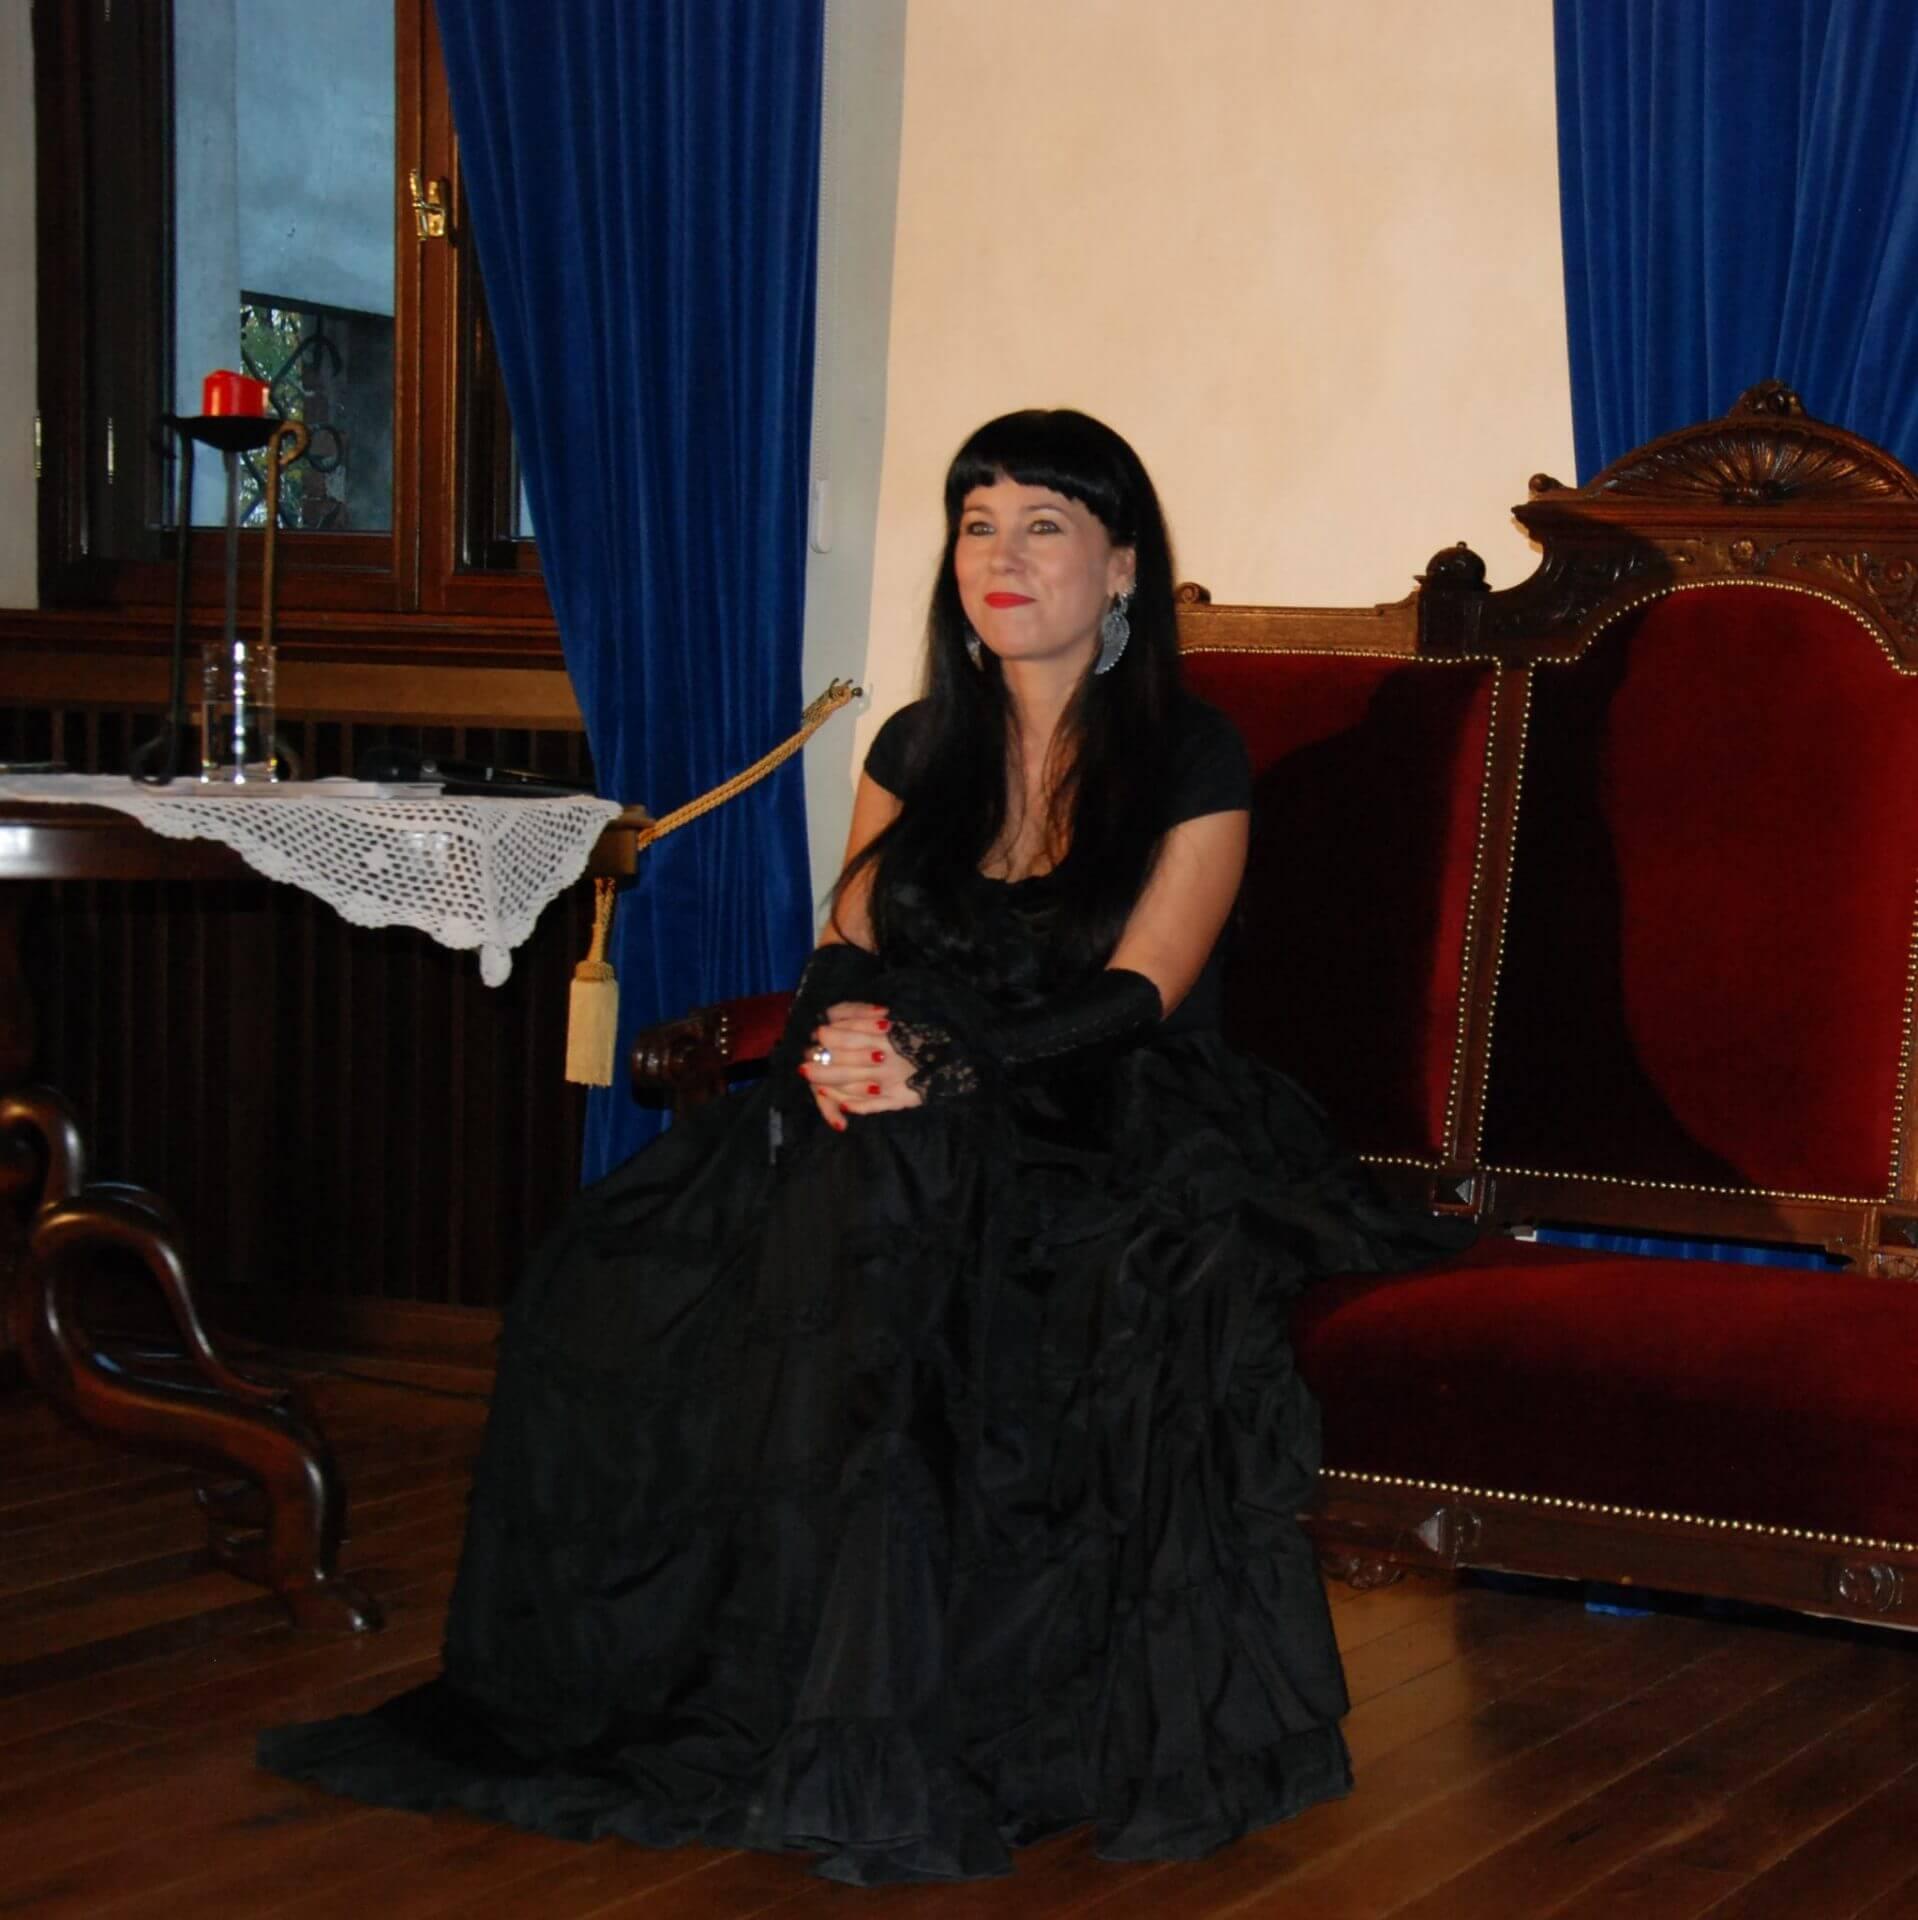 Joanna Wicherkiewicz